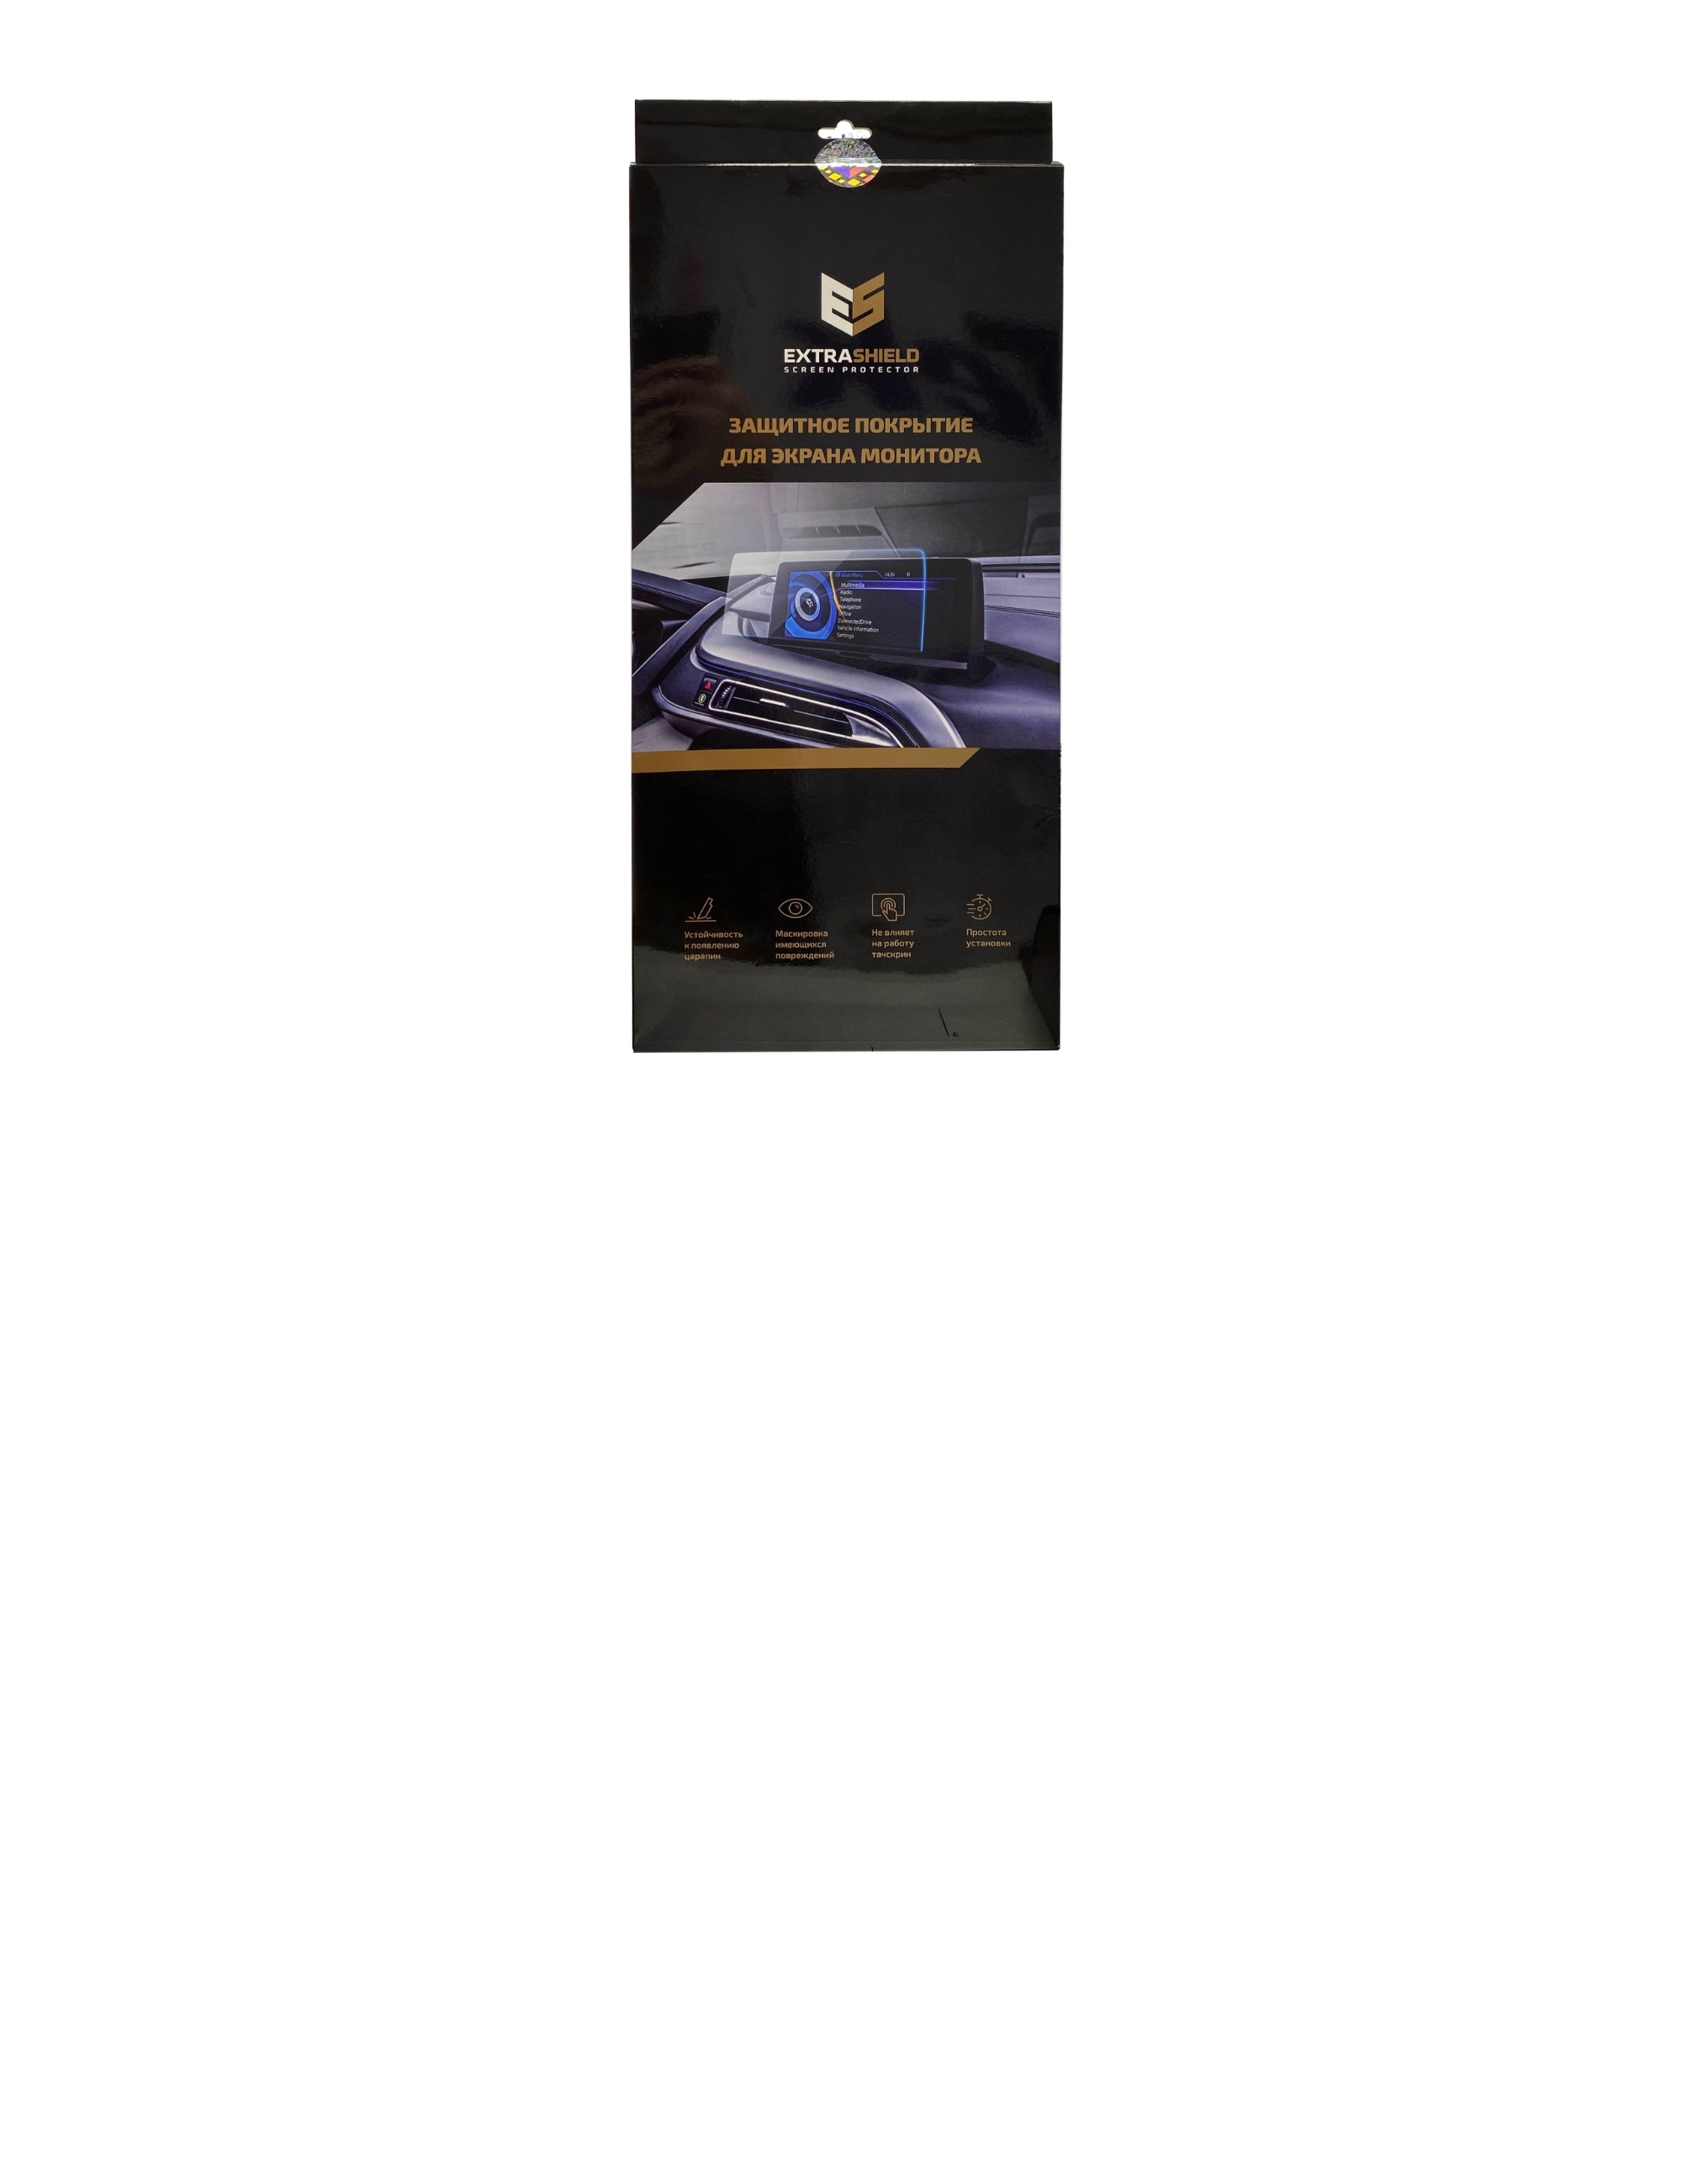 BMW X3 (F25) 2014 - 2017 мультимедиа 6.5 Защитное стекло Матовая